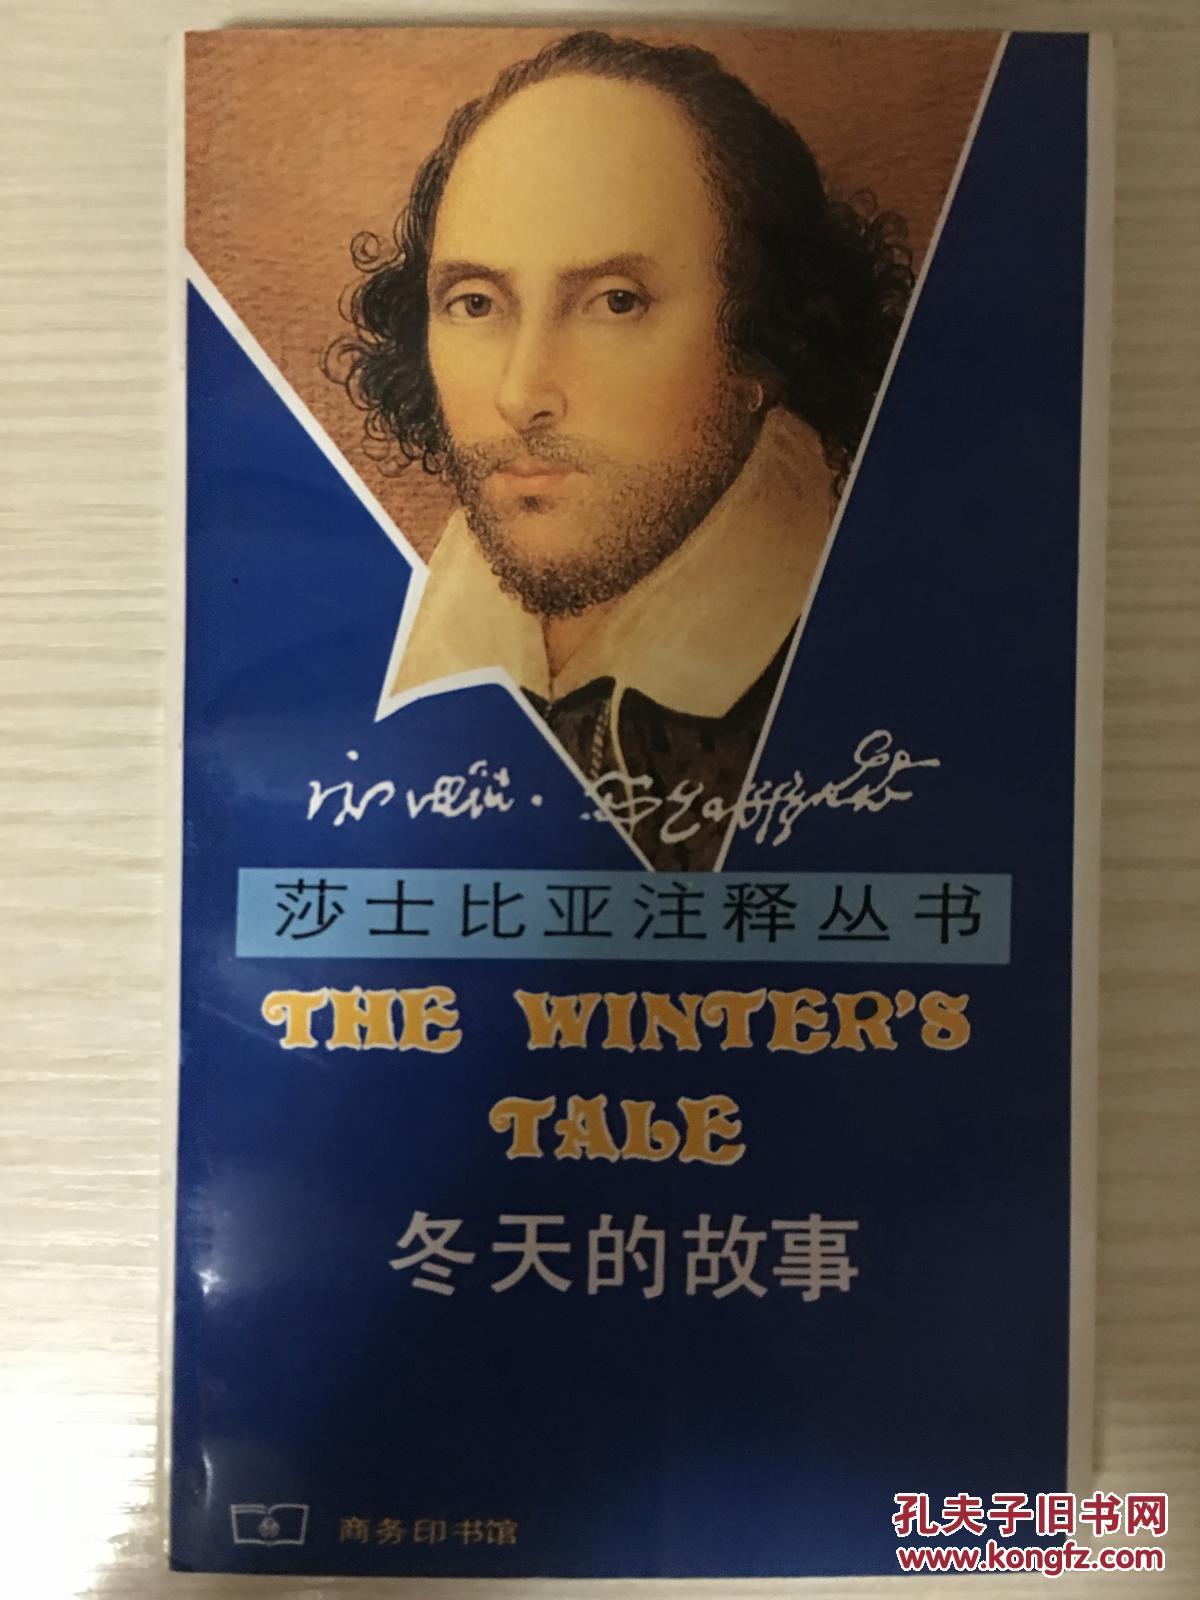 冬天的故事:莎士比亚注释丛书11